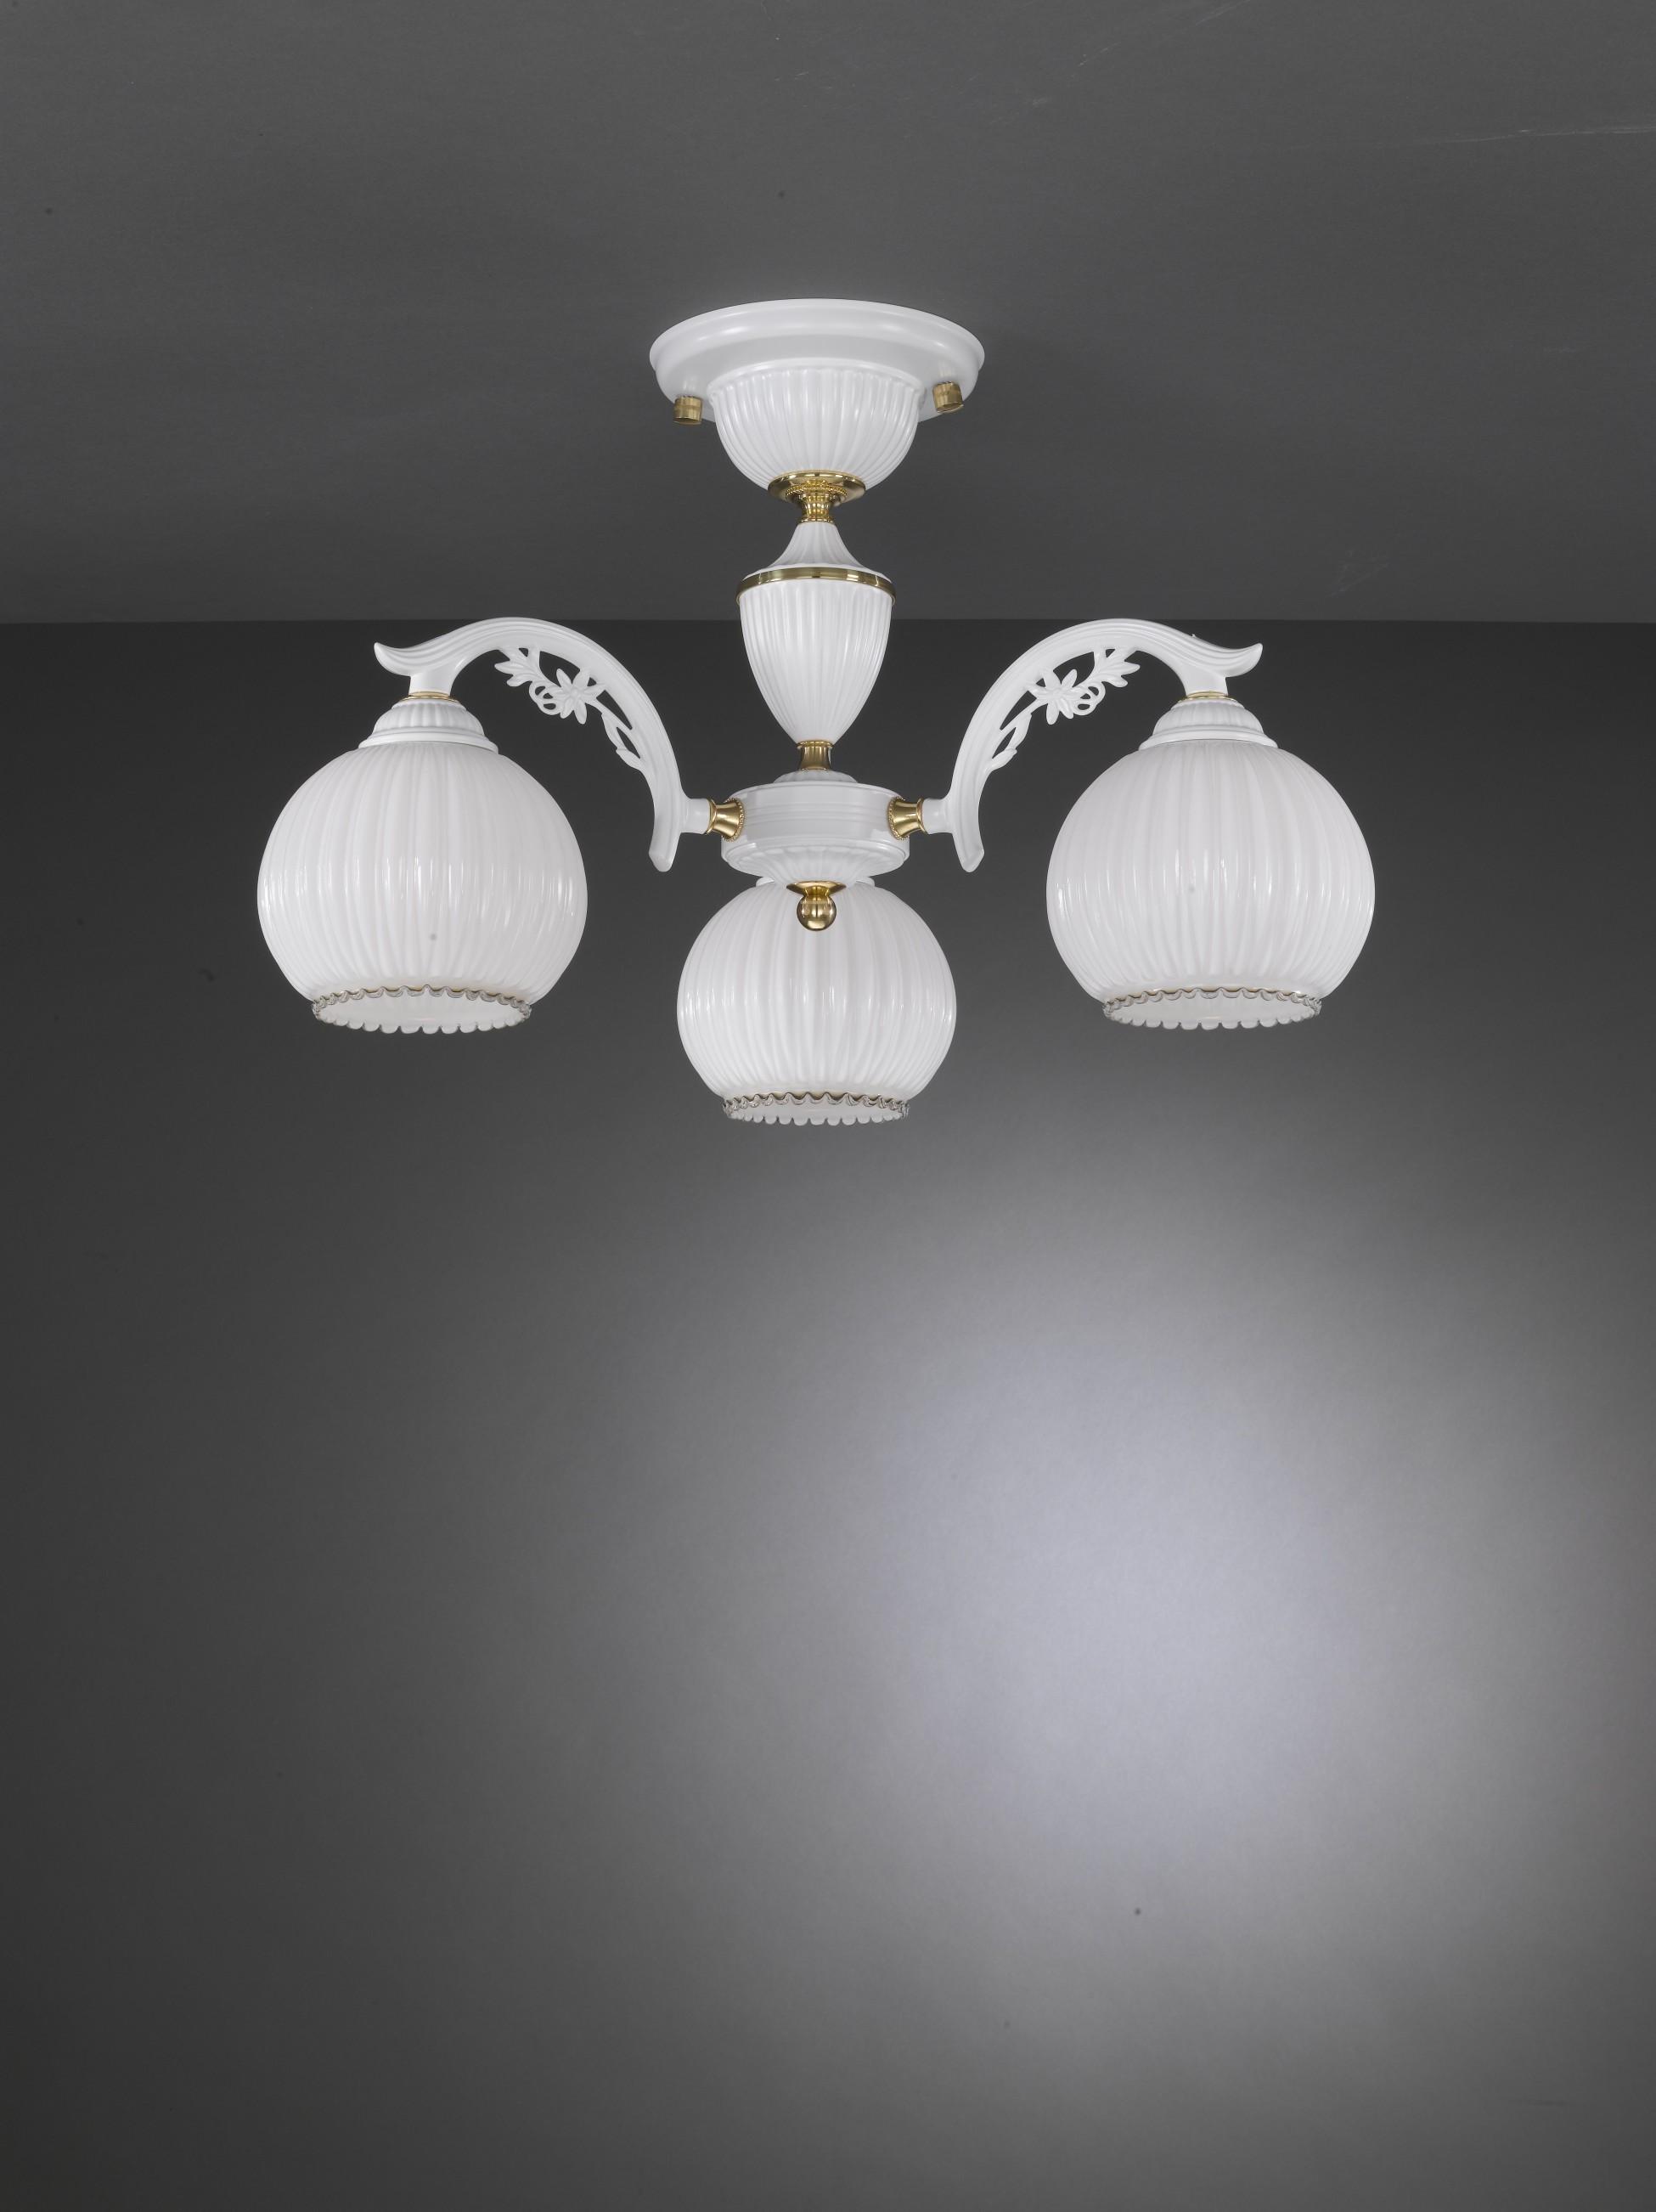 Lampadario classico a 3 luci vetro bianco soffiato for Lampadario classico